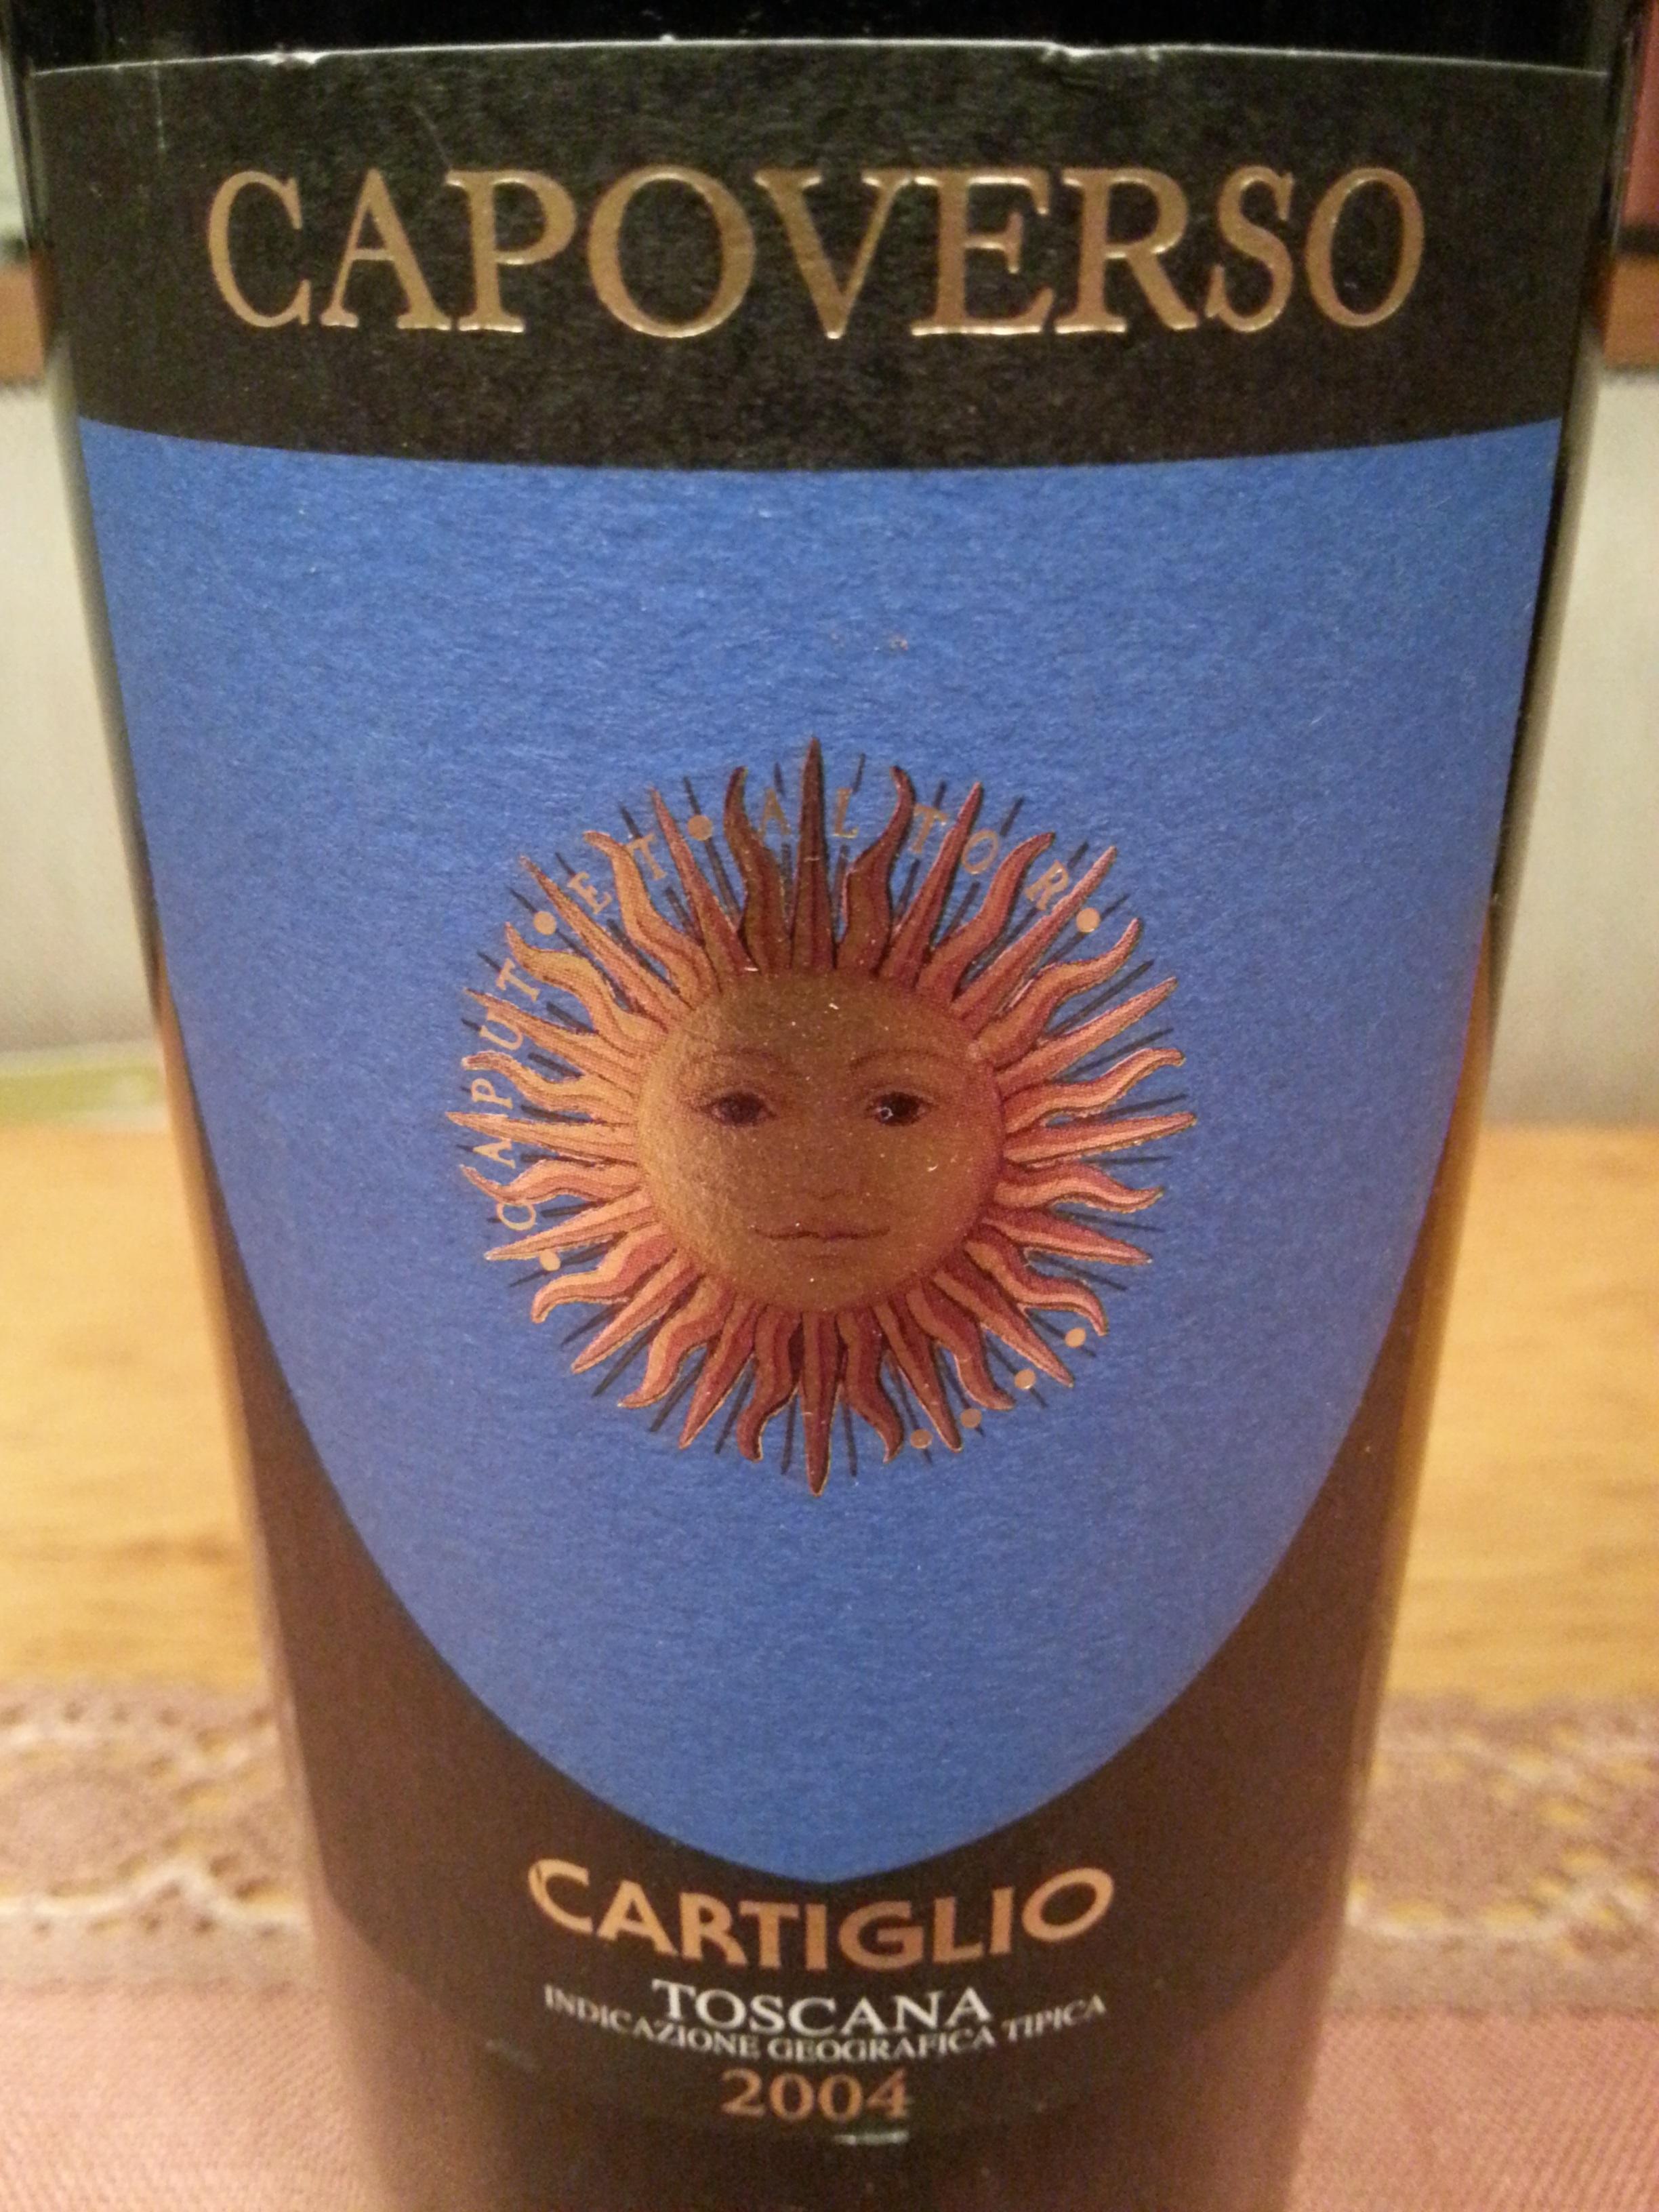 2004 Capoverso | Cartiglio